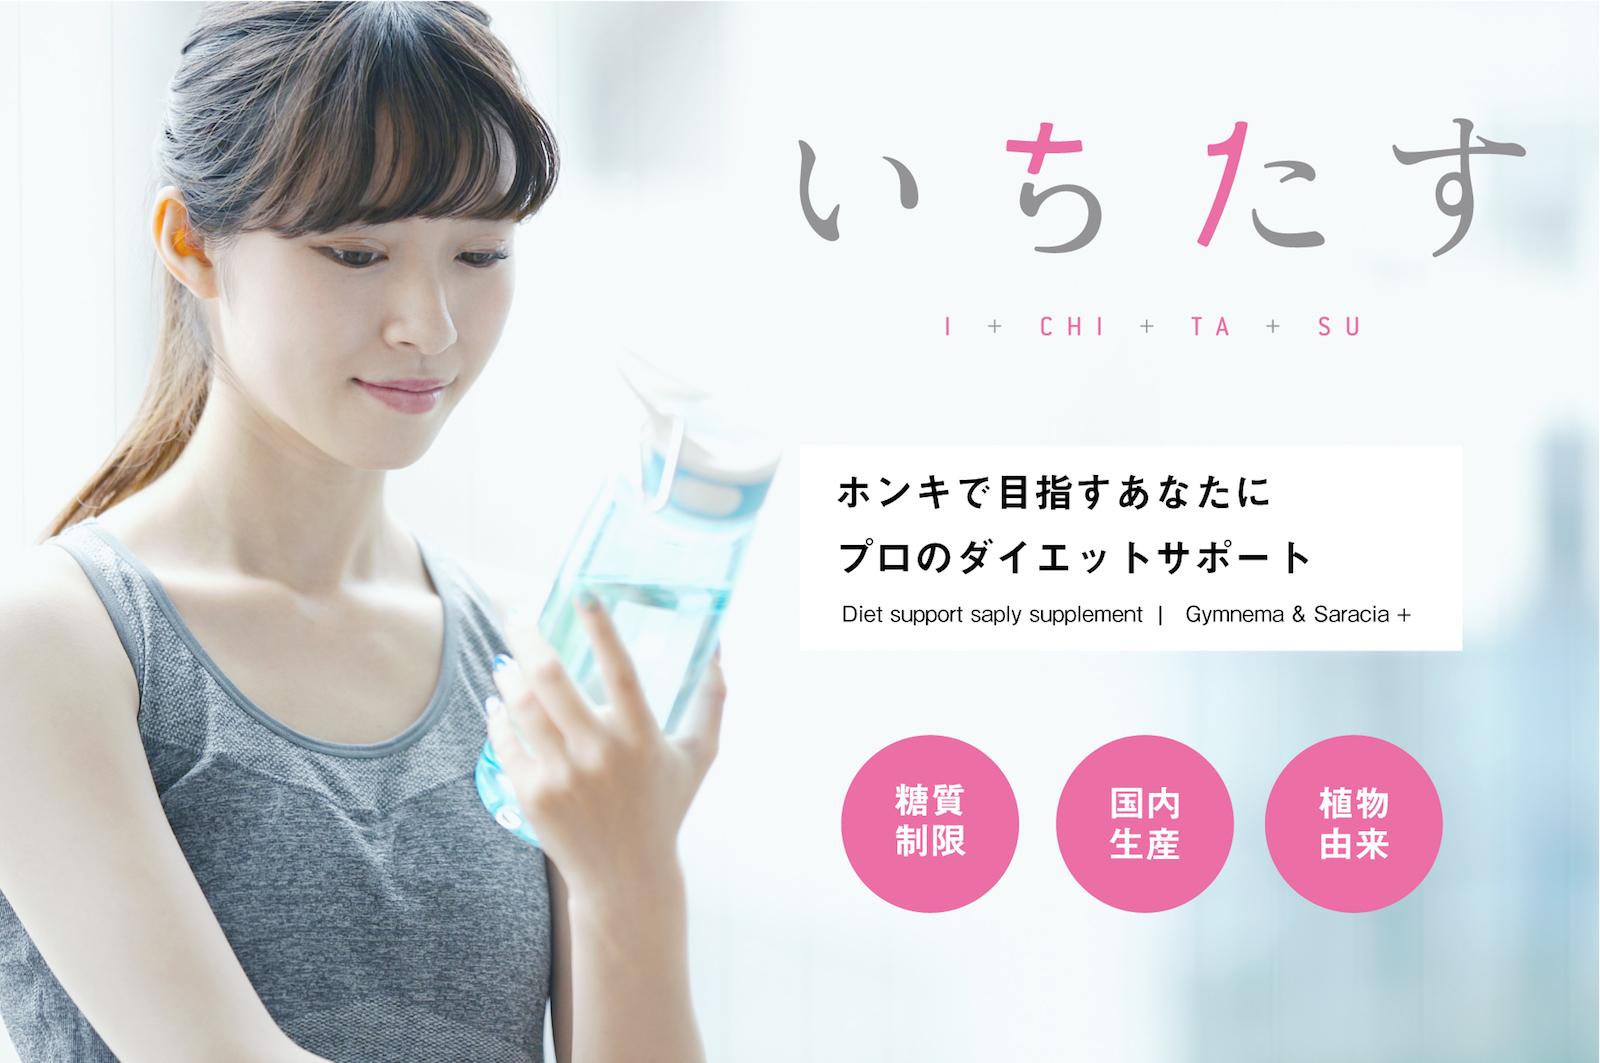 【6パック】 いちたす ダイエットサポートサプリ ギムネマ&サラシア 30〜60日分×6セット (720粒)